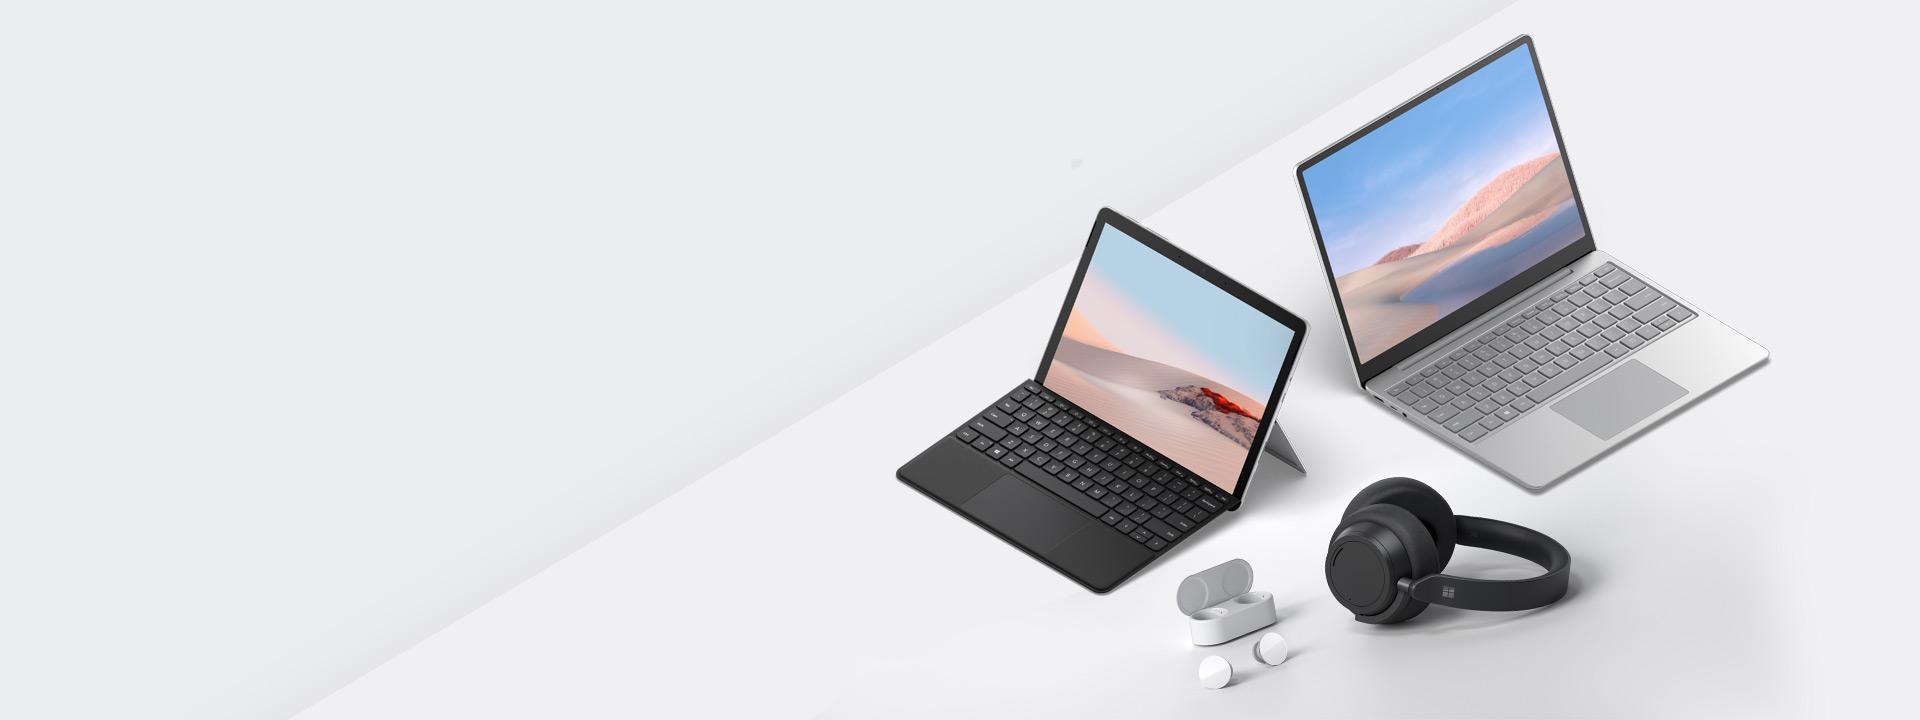 Immagine di due dispositivi Surface Laptop Go e Surface Go 2 con cuffie e auricolari